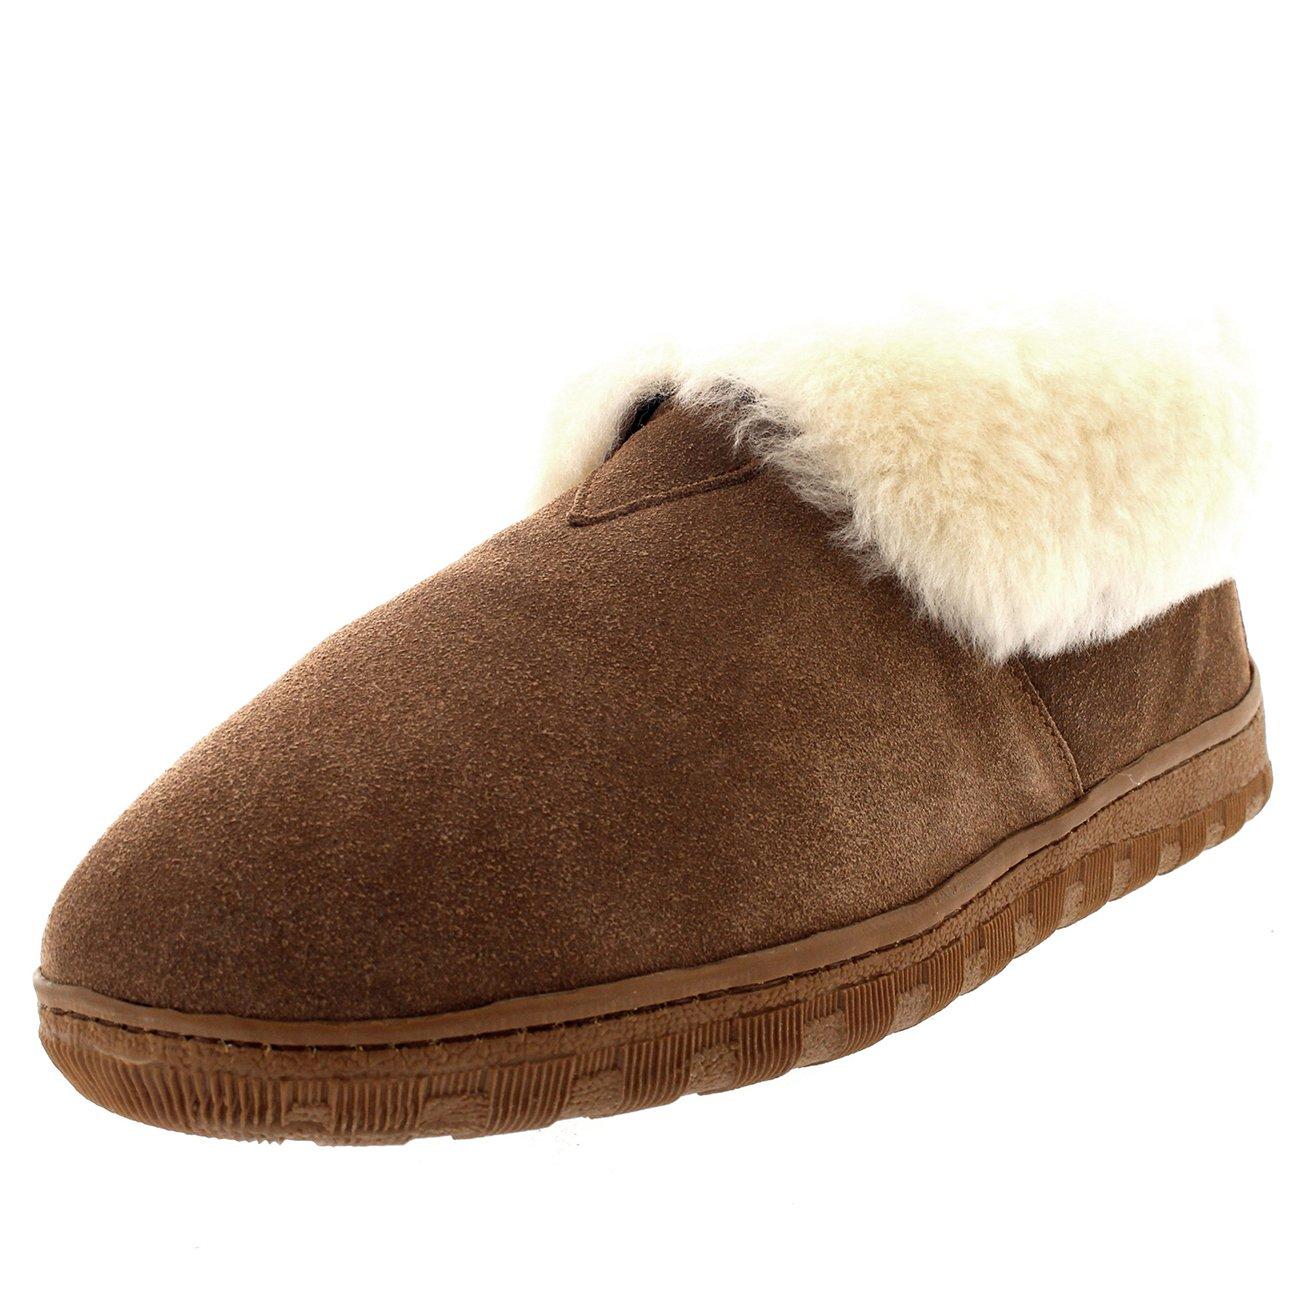 Polar Hombre Forrada de Piel Genuina Piel de Oveja Australiana Manguito de Pieles Botas Zapatillas: Amazon.es: Zapatos y complementos